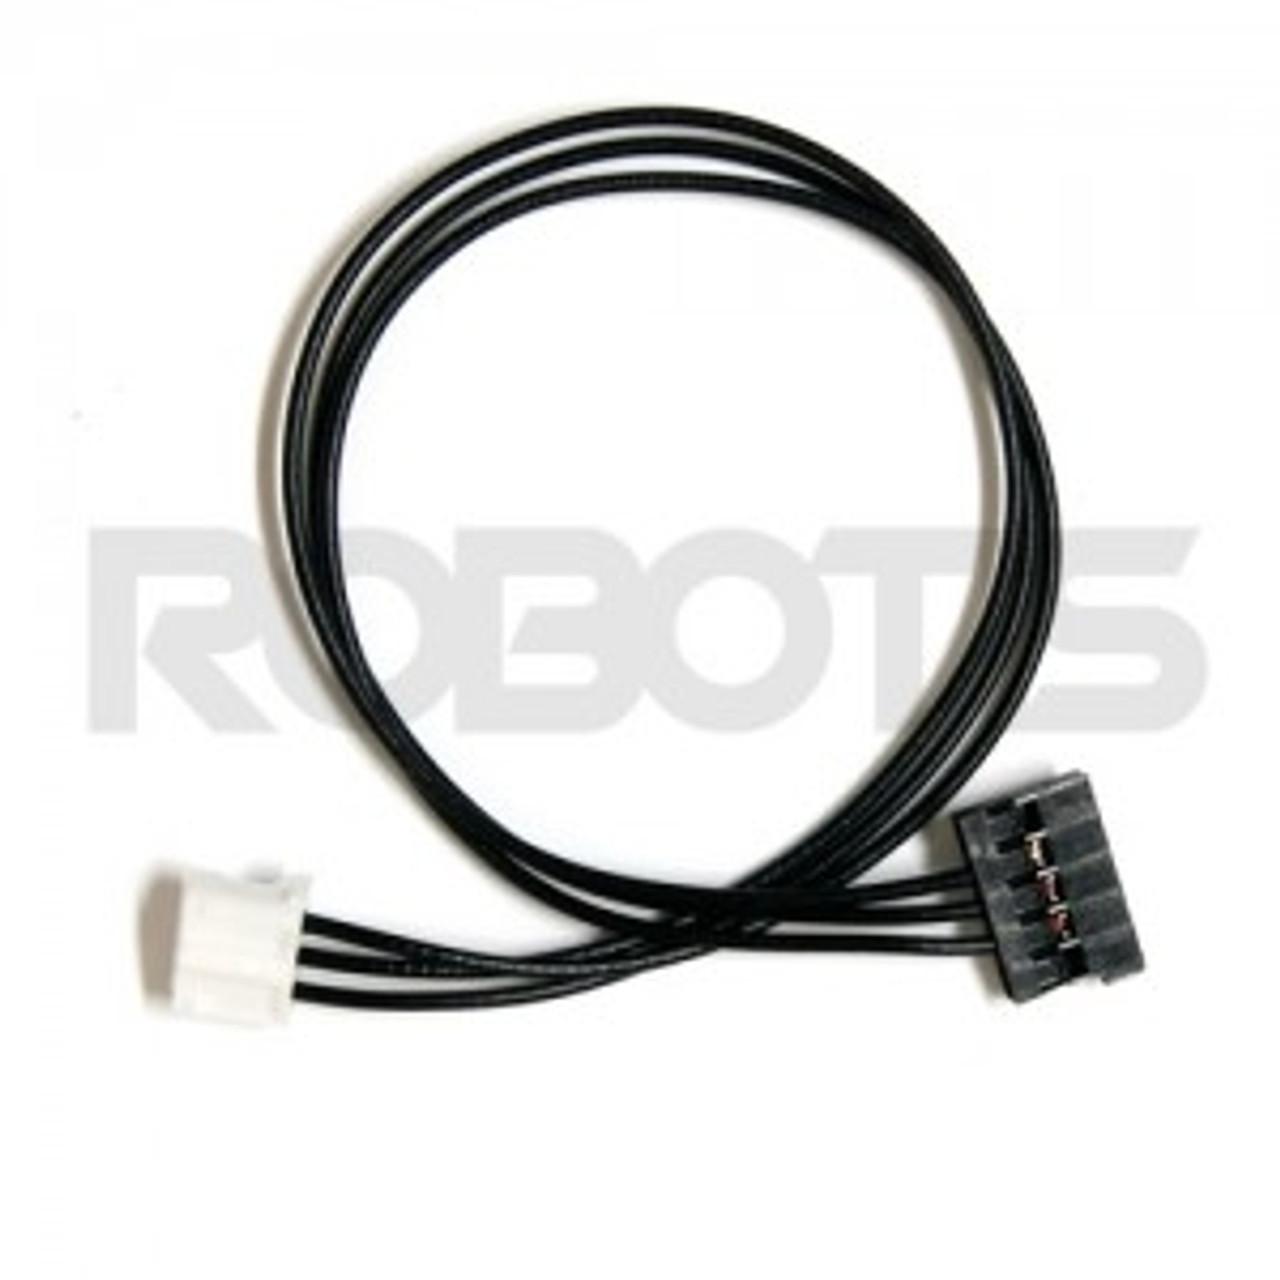 Robot Cable-3P-5P 150mm 5pcs